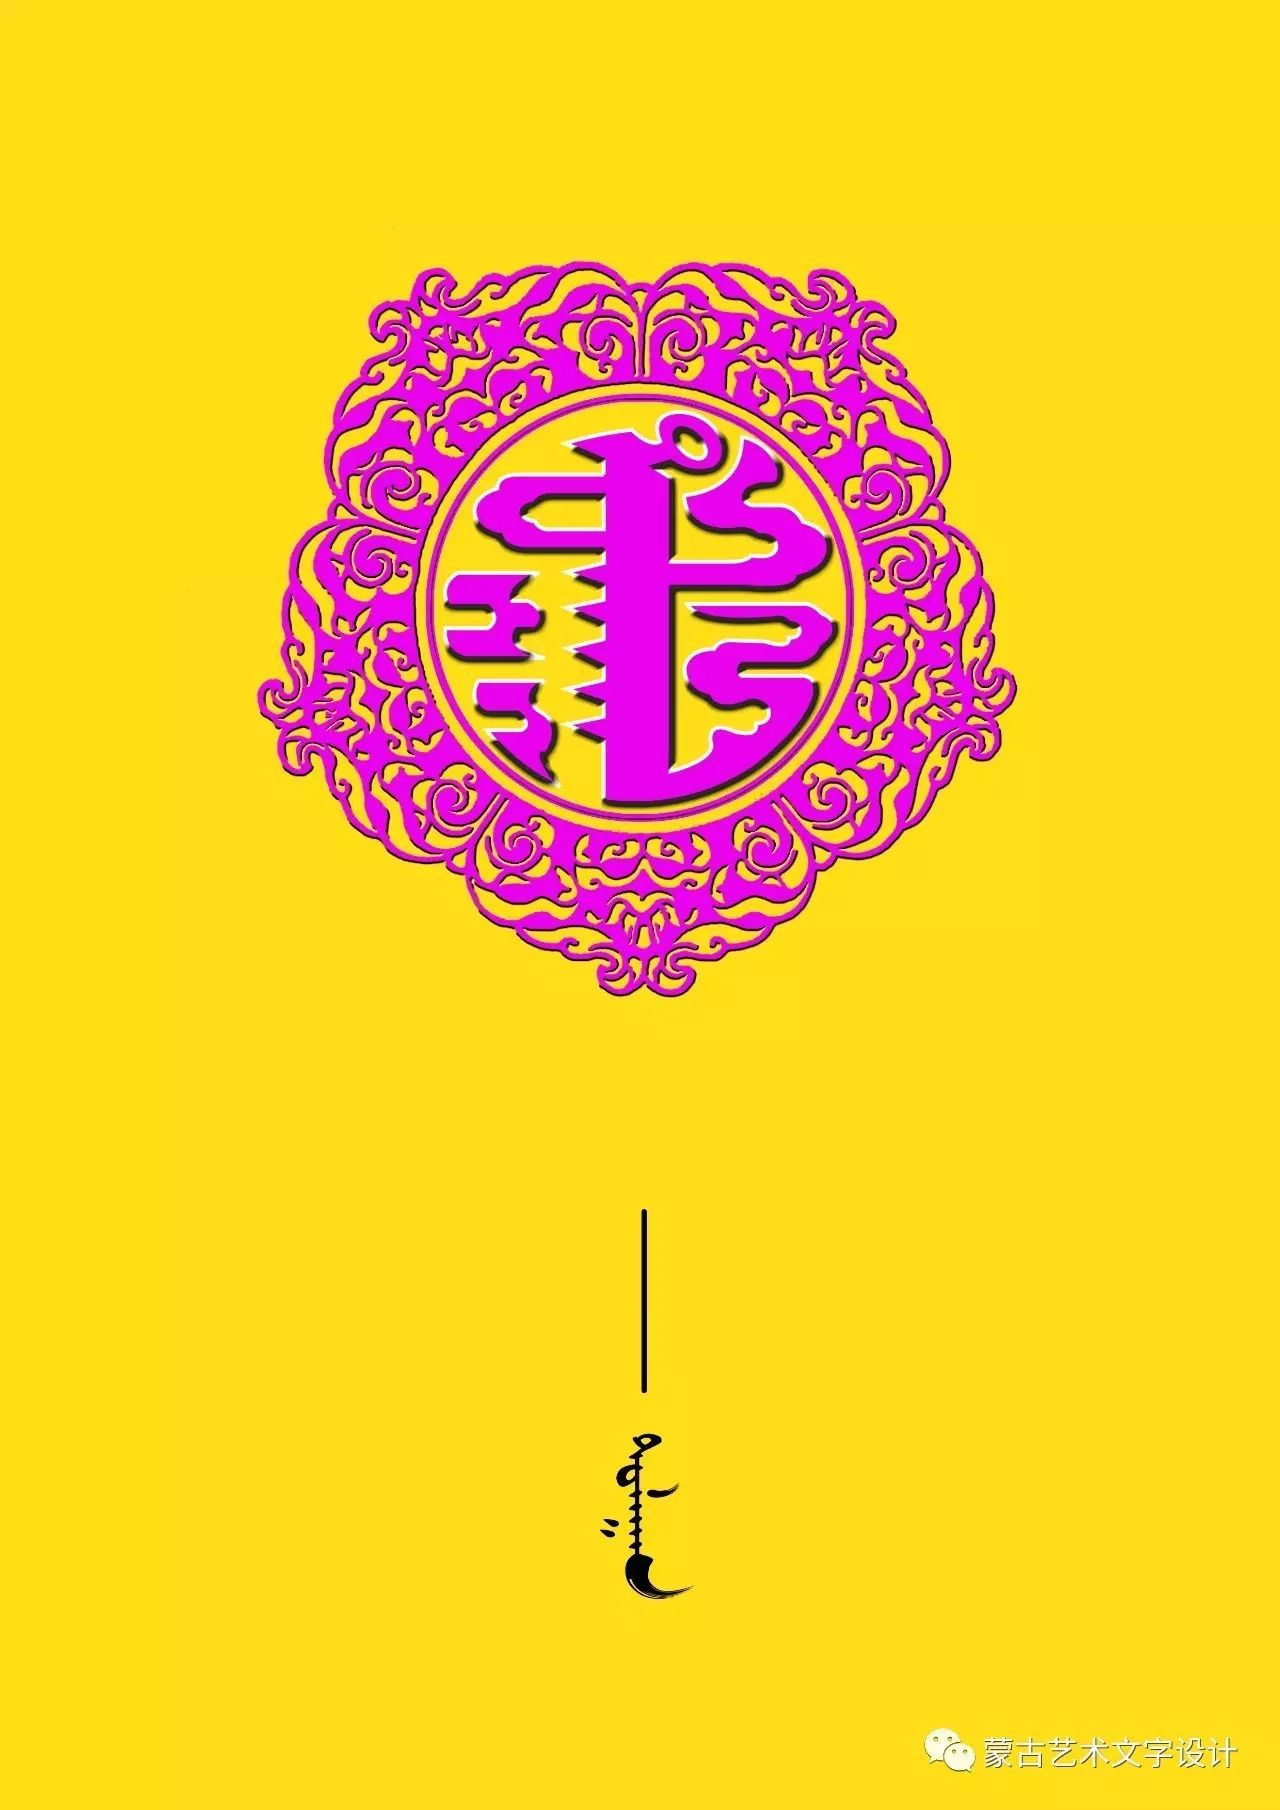 蒙古艺术文字设计 第12张